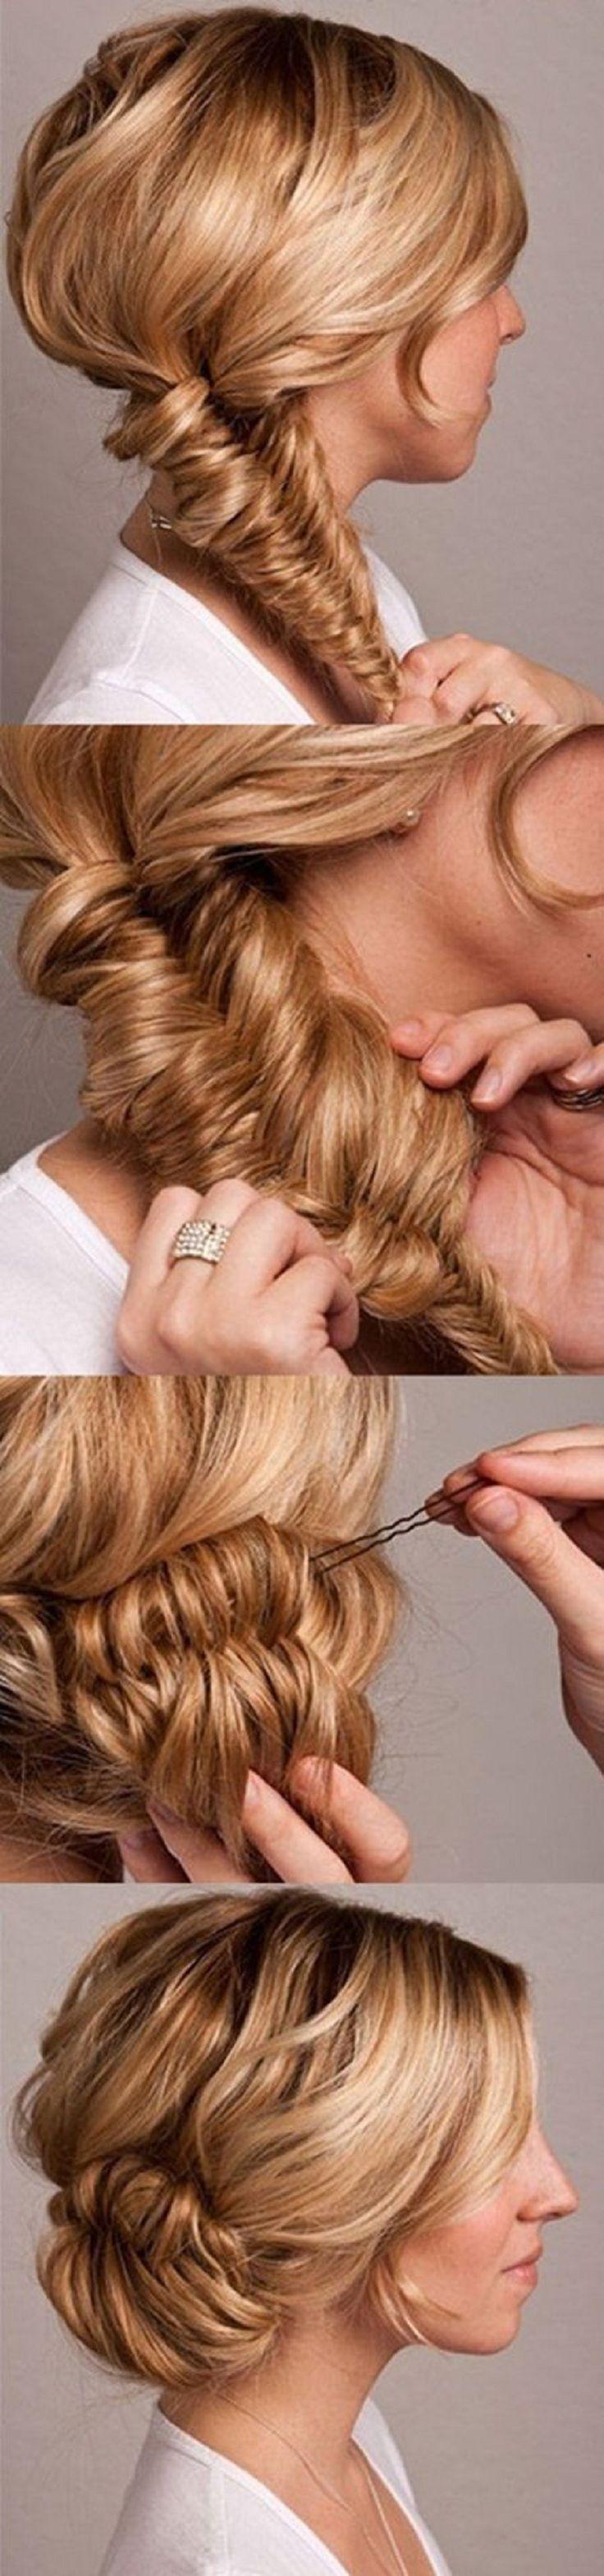 Прически на средние волосы с гофре своими руками